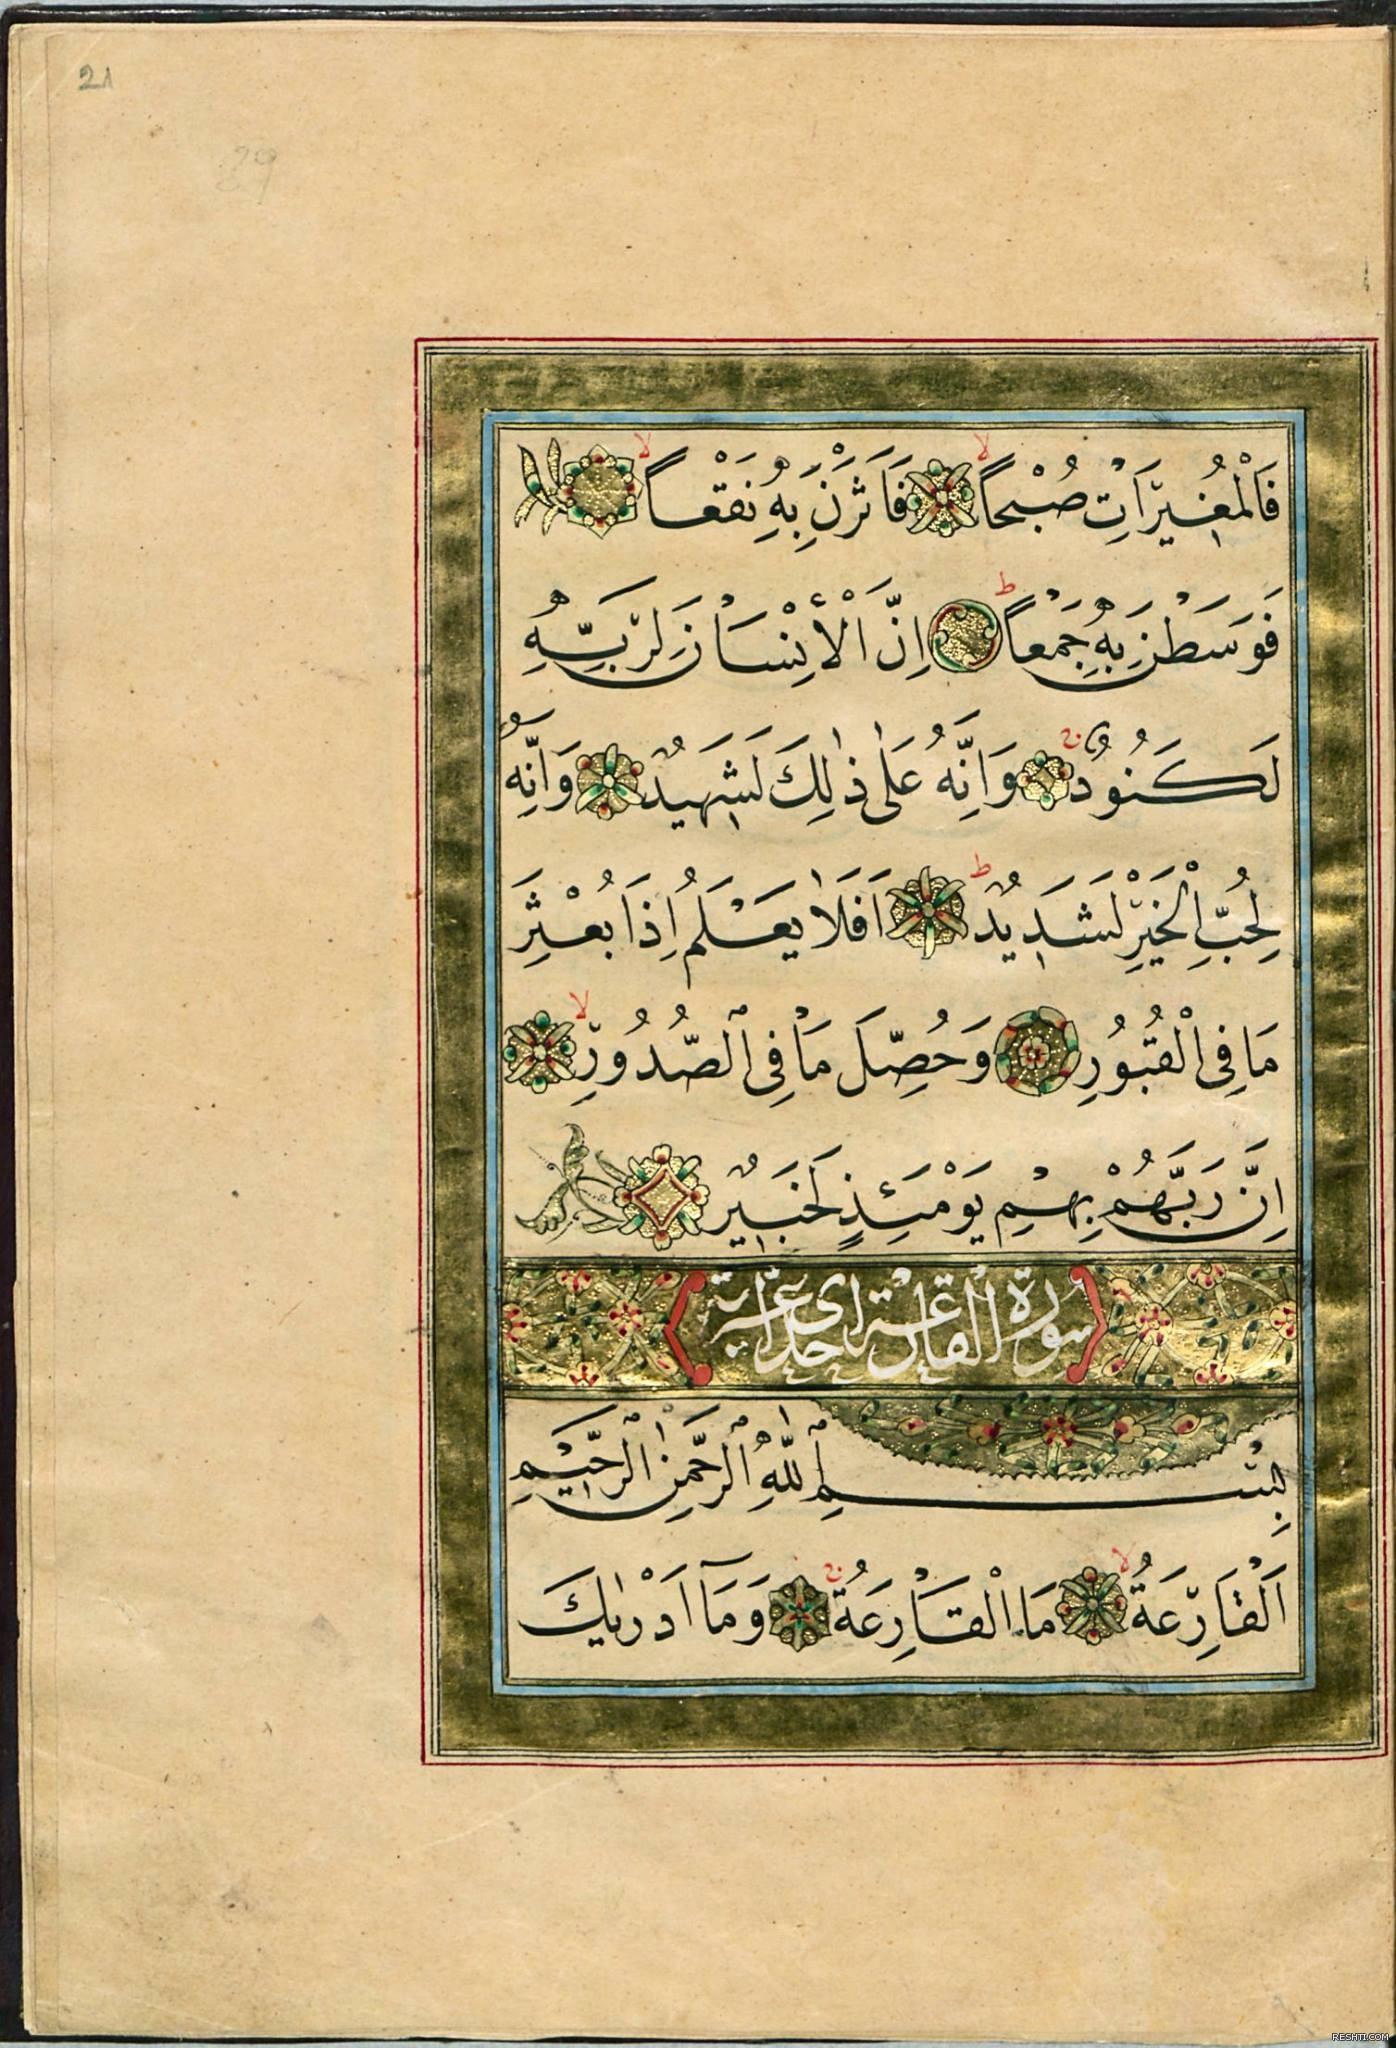 جزء عم لخطاط الحرم النبوي السيد عبد الله الزهدي التميمي 5